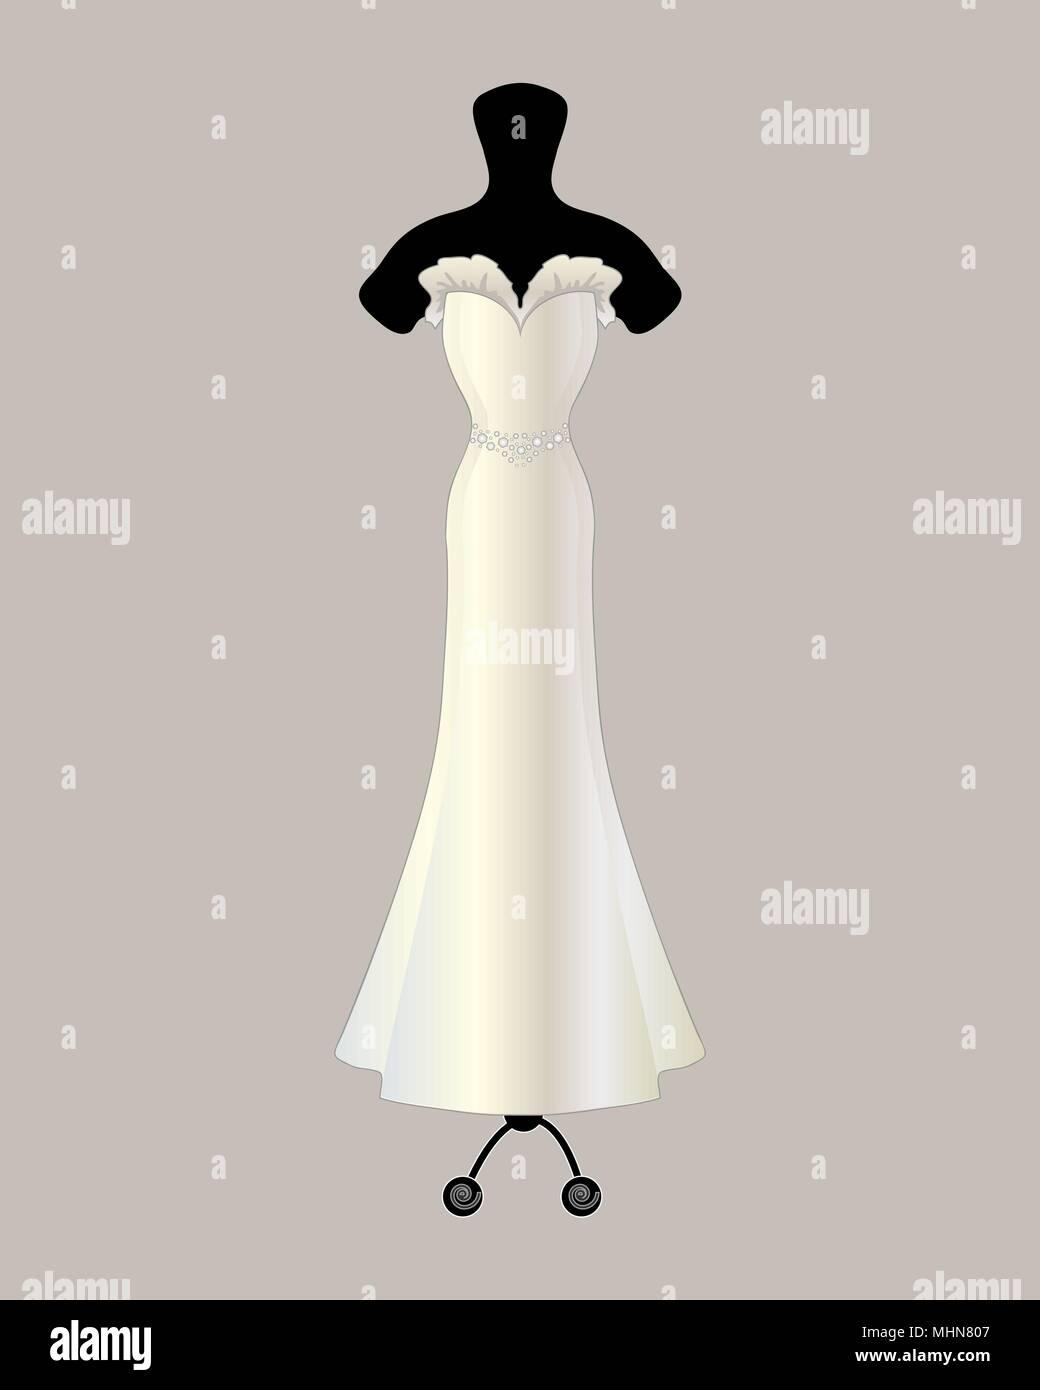 Una illustrazione vettoriale in formato eps formato 10 di un bellissimo designer satin abito da sposa in una tromba di stile con volant e dettaglio jeweled cinghia Immagini Stock